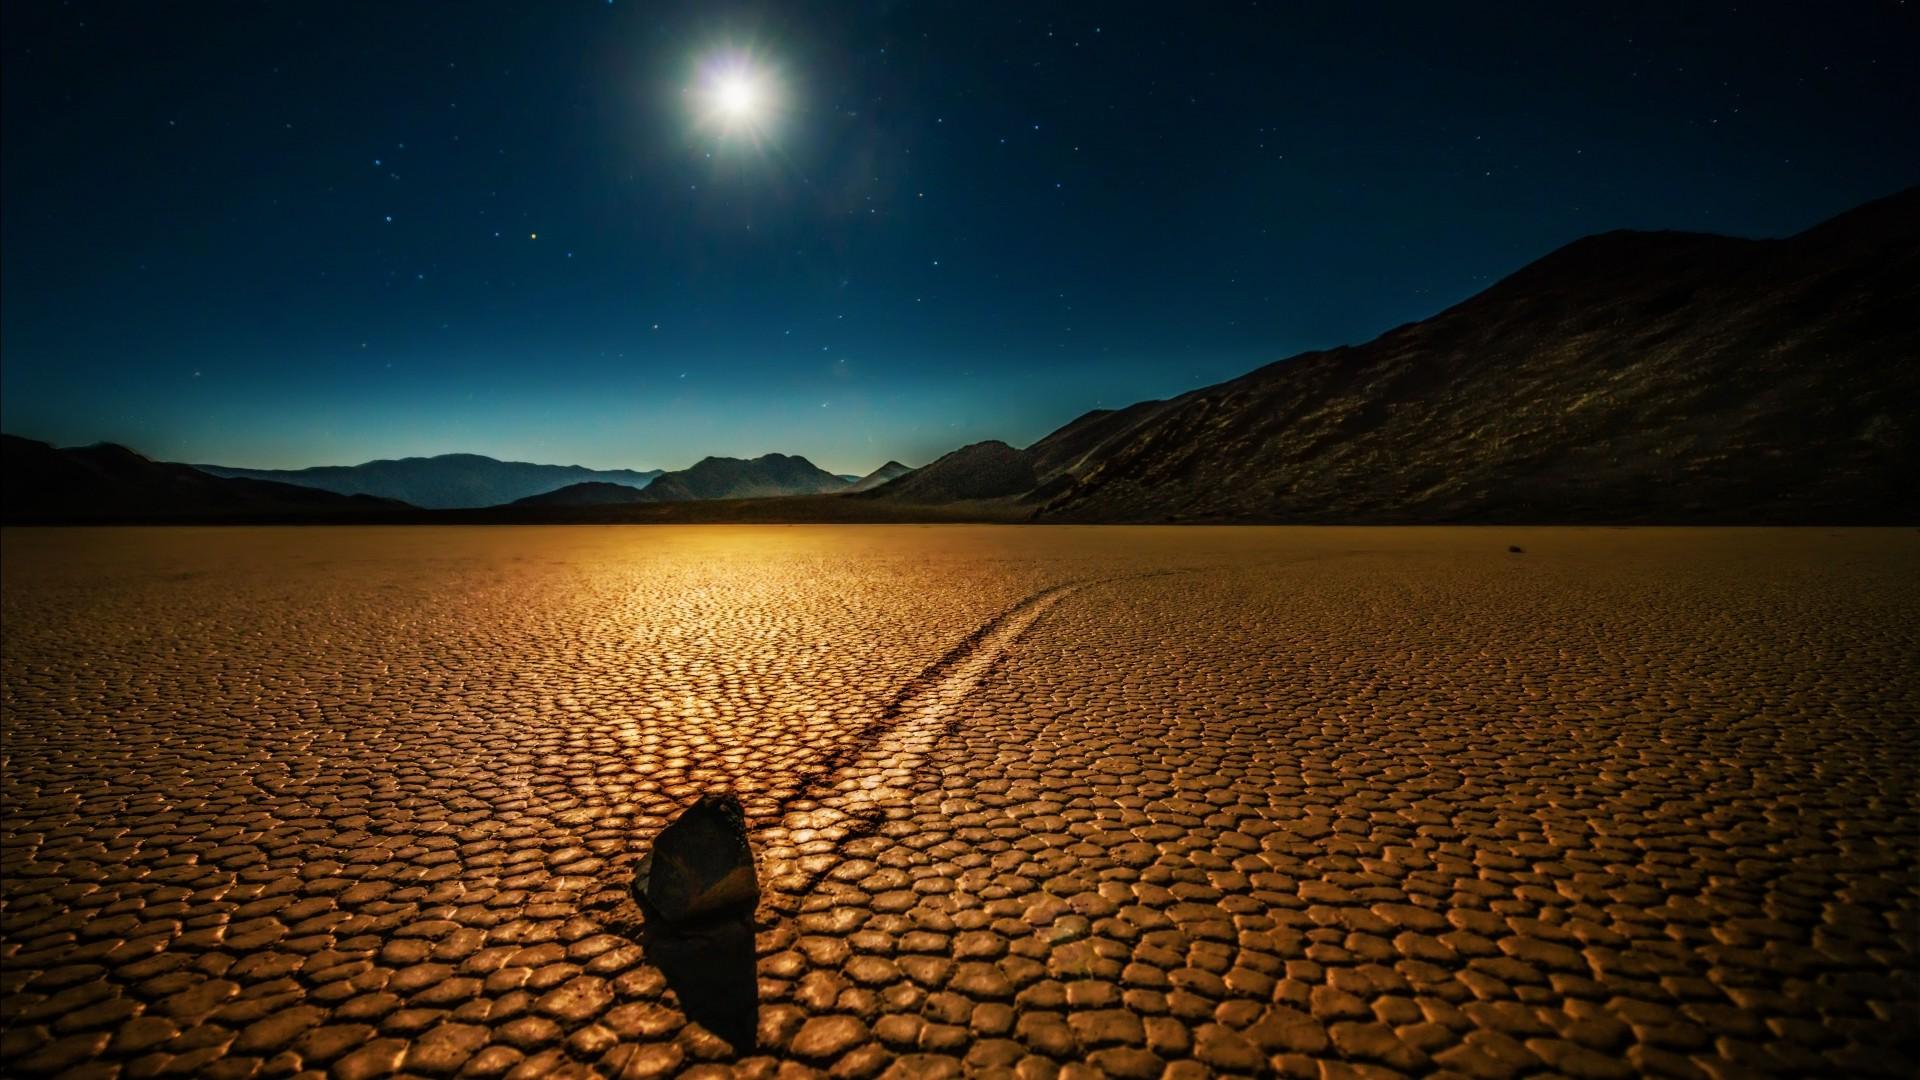 Wallpaper 1920x1080 Px California Death Valley Desert